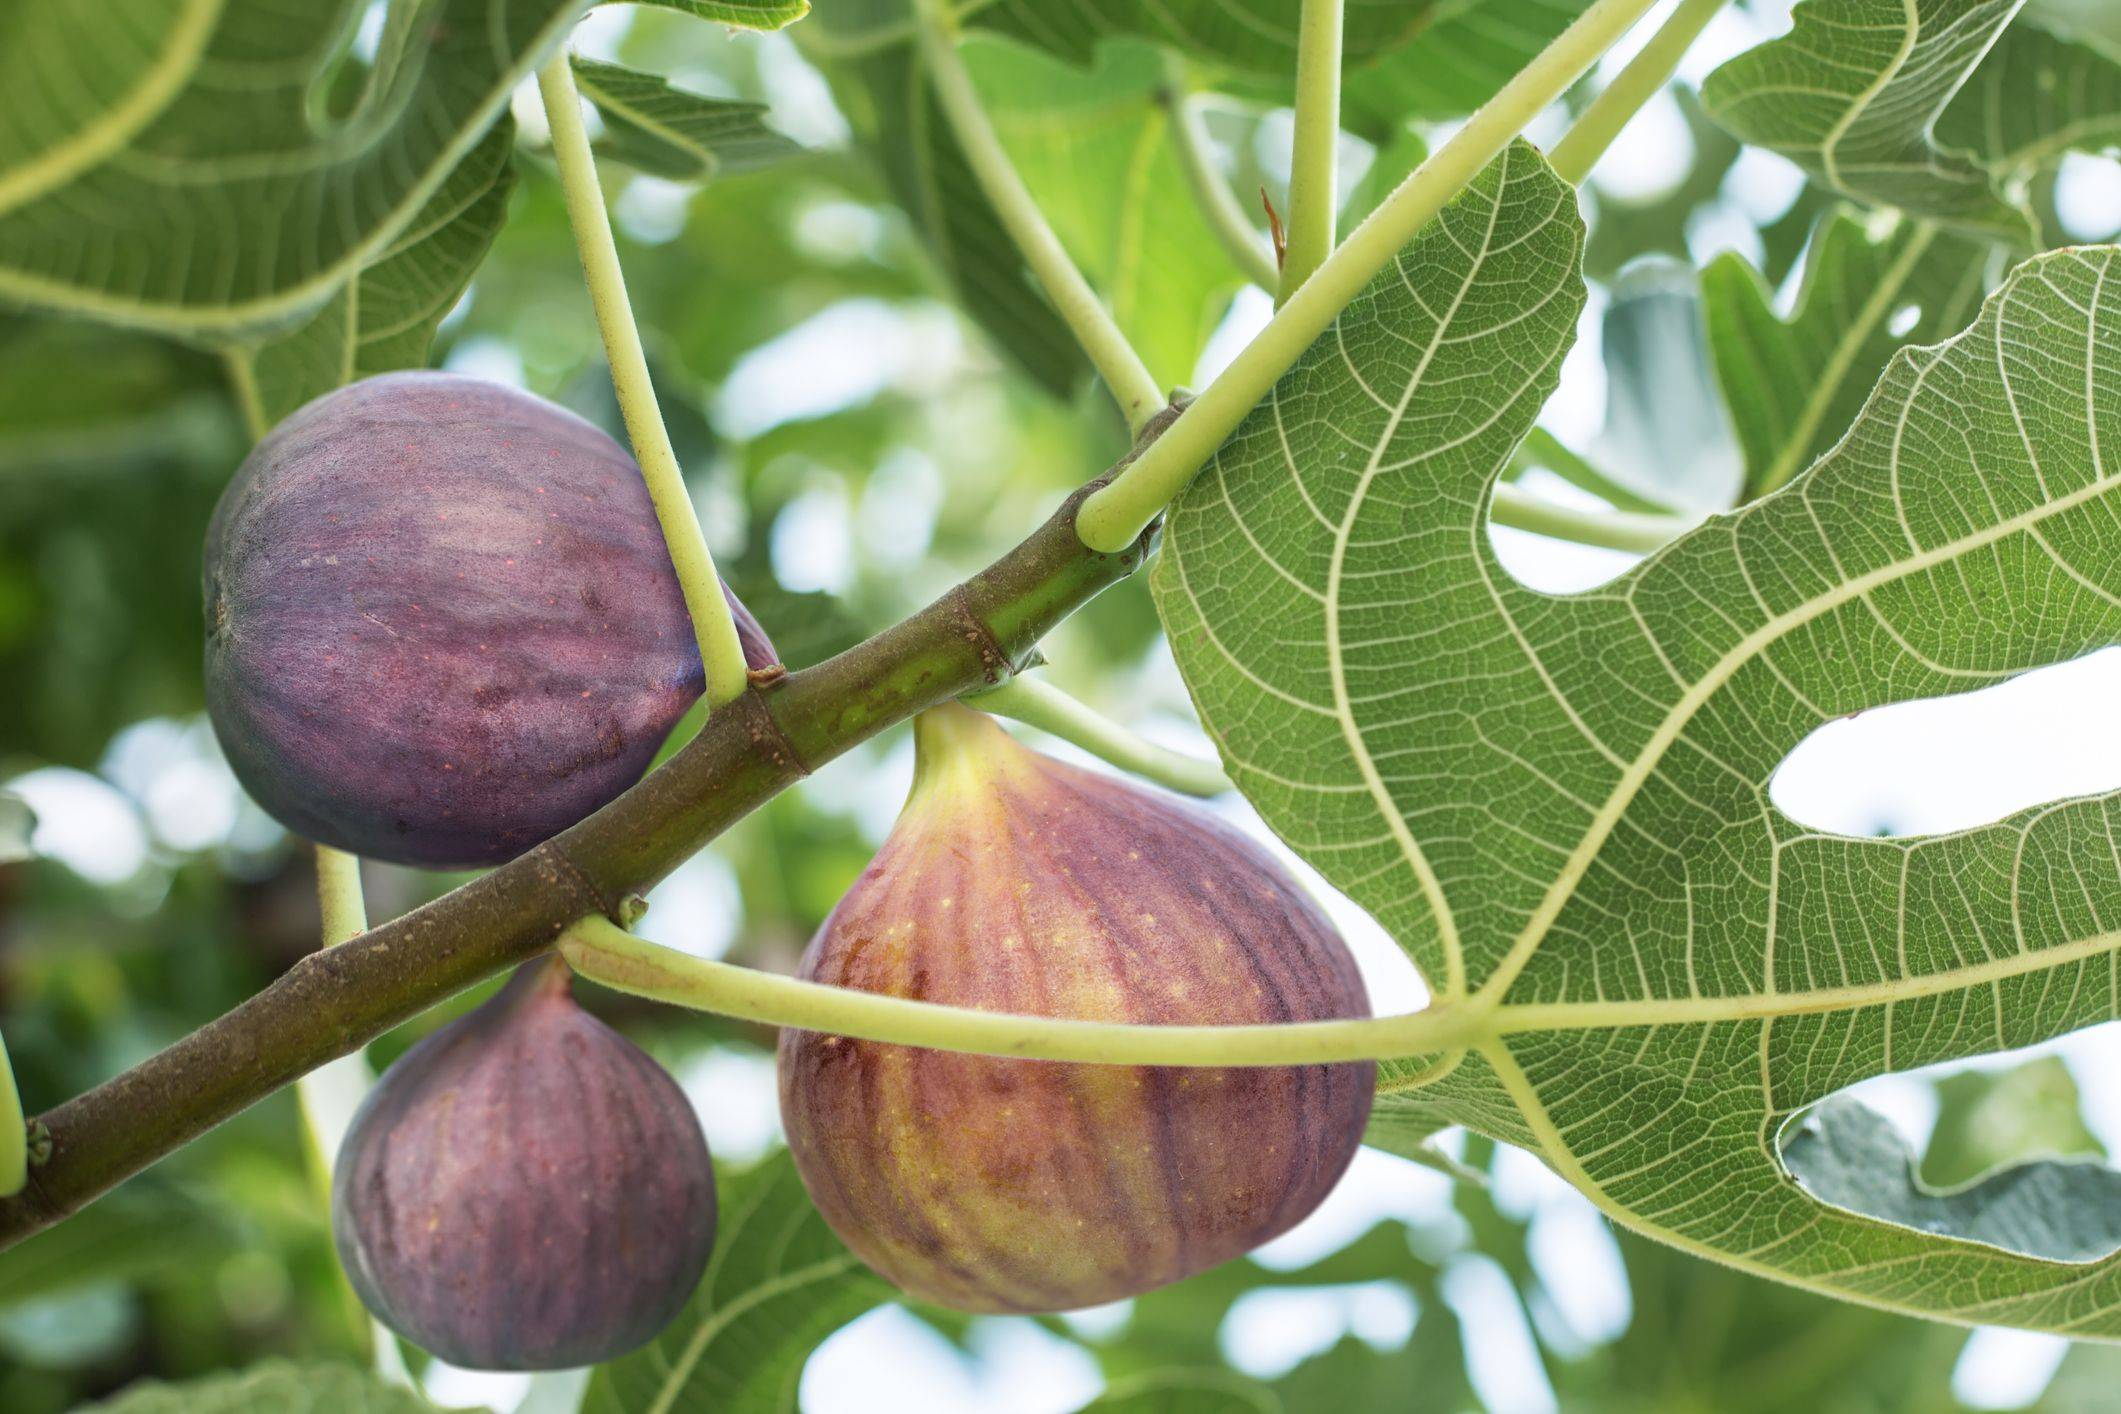 Инжир - это фрукт или ягода? что такое инжир или фига